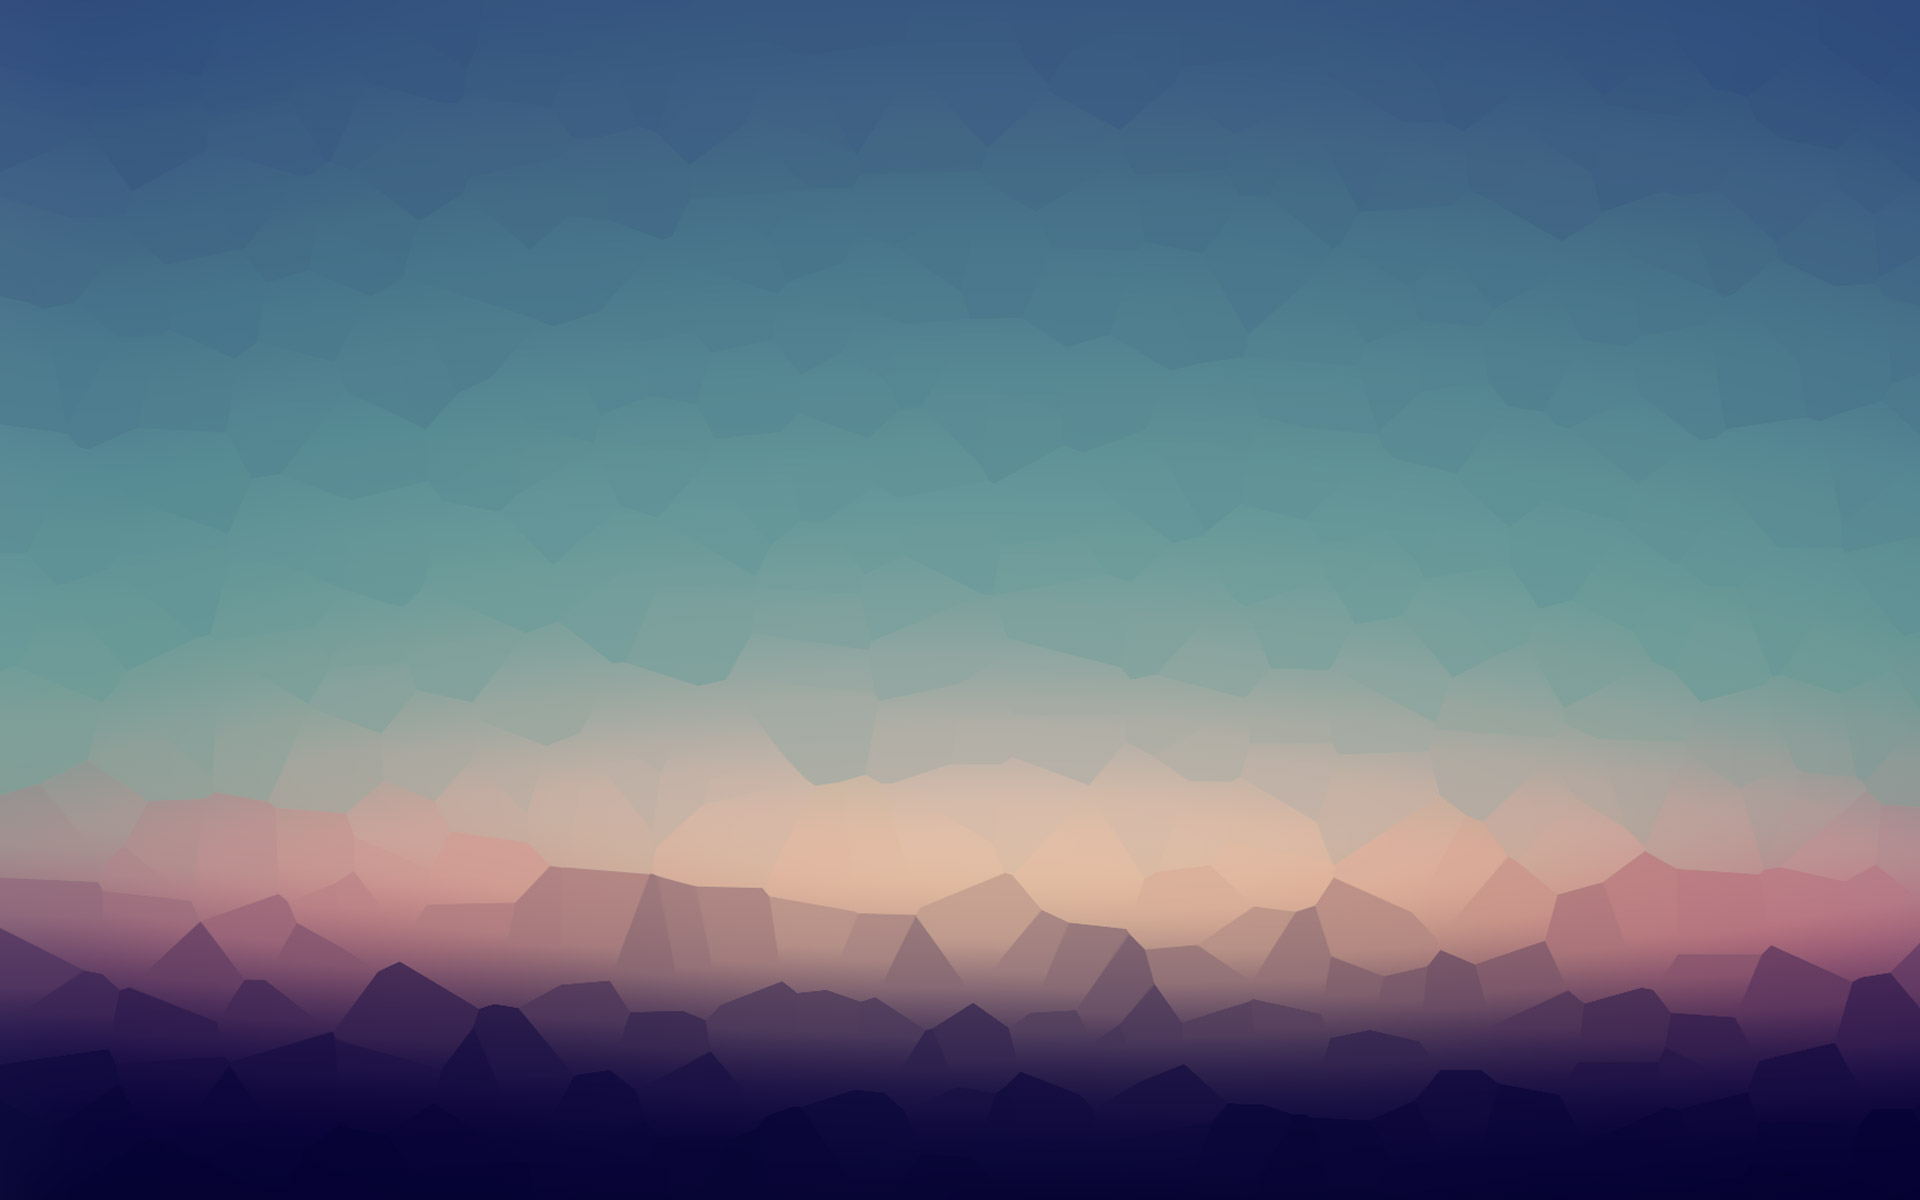 best macbook air backgrounds wallpaper details 1920x1200